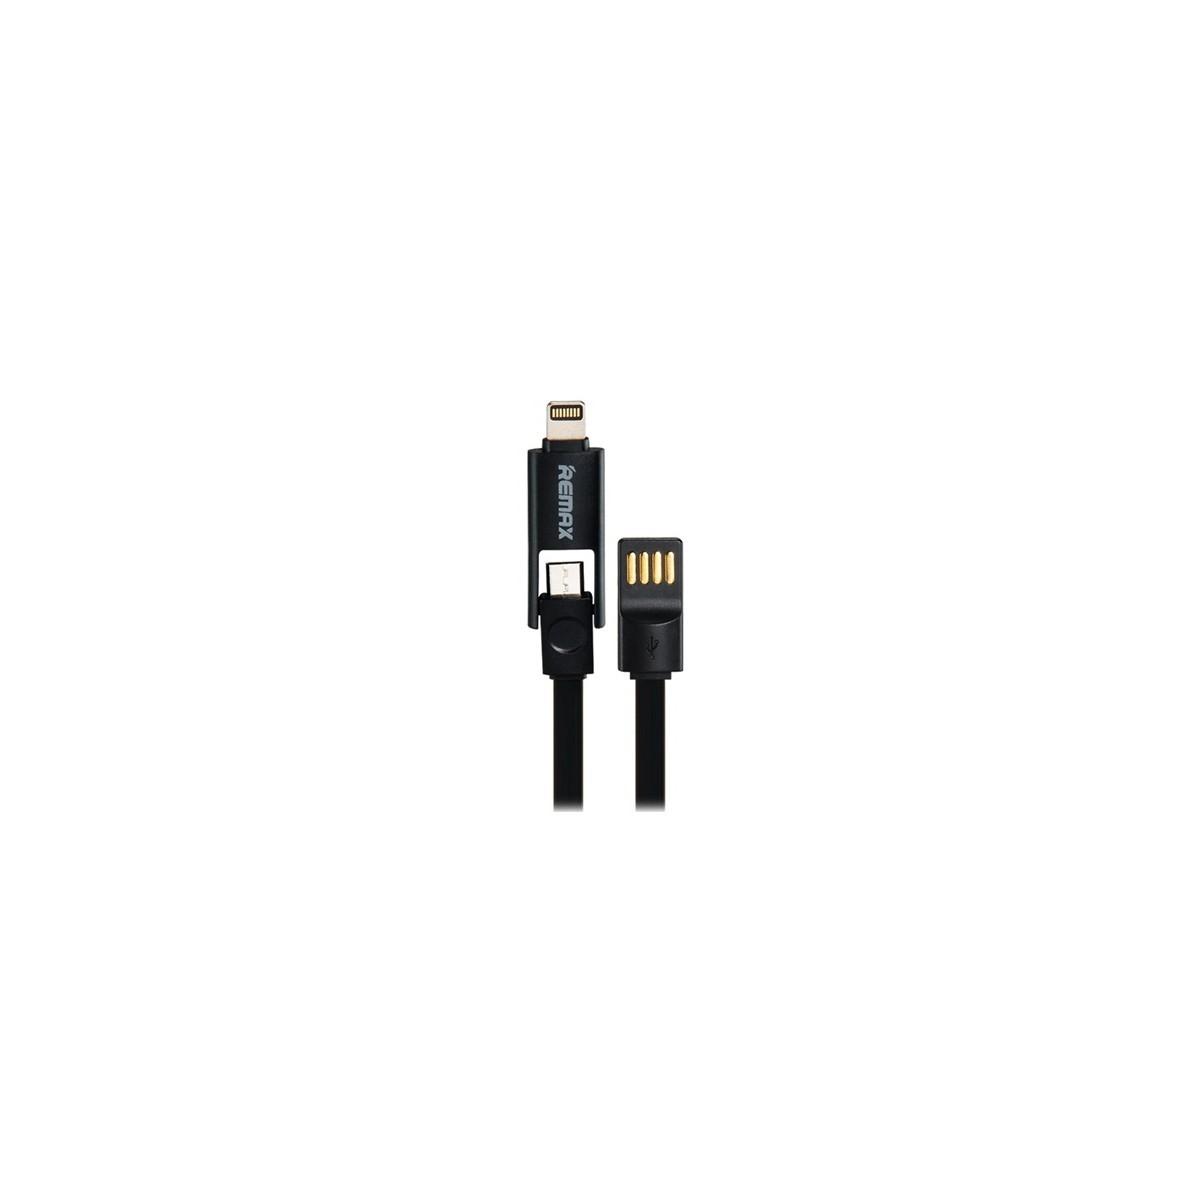 REMAX datový kabel 2 v 1 , Micro USB + lighting iPhon 5/6 1,2 m dlouhý, černá barva Univerzal (AA-1044)